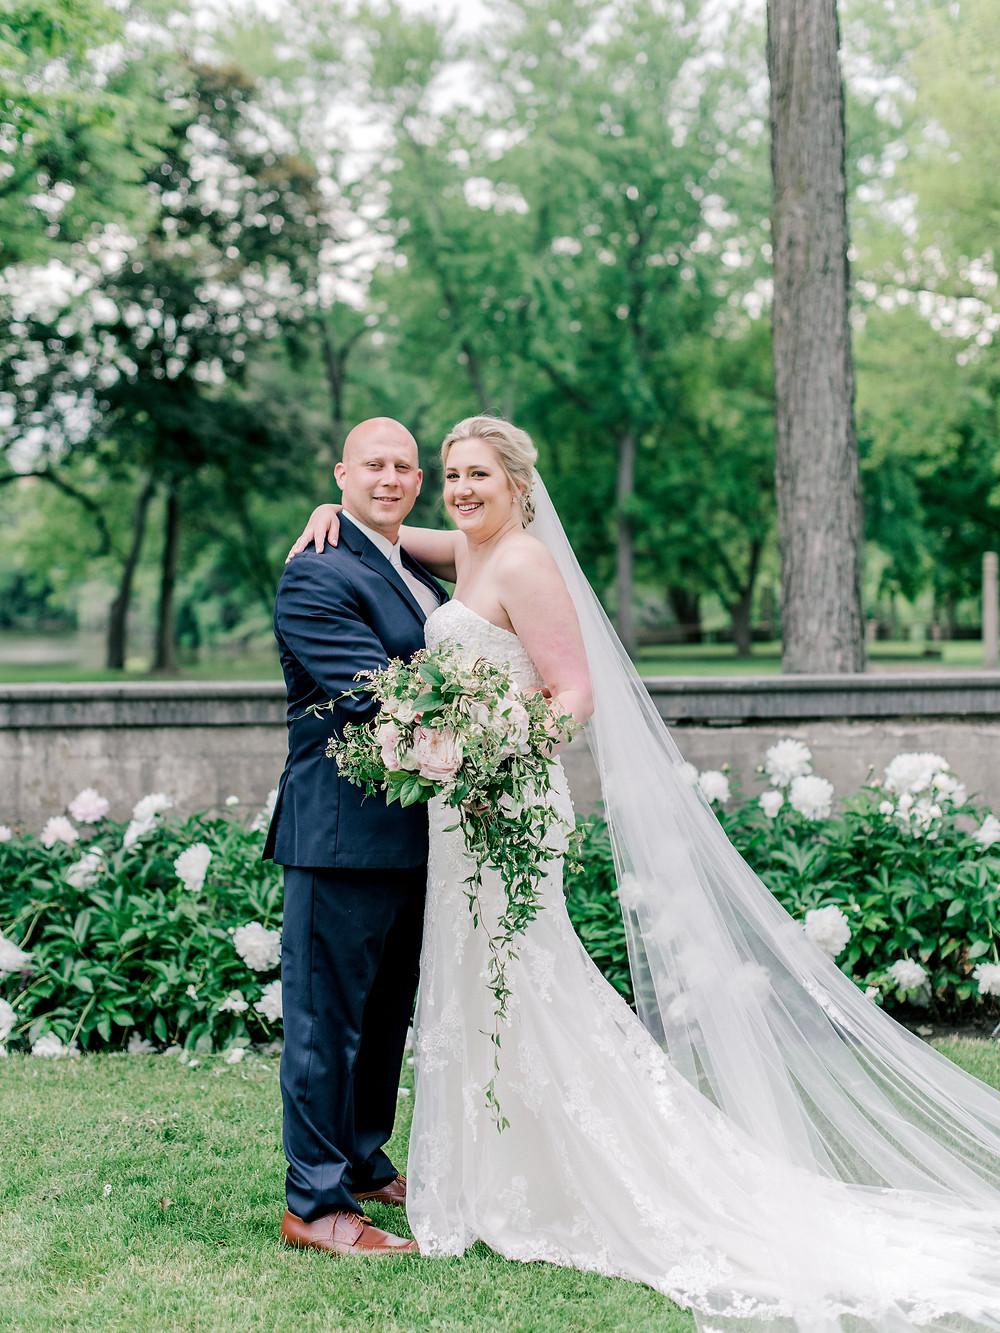 Bride and Groom seated on vintage blue settee